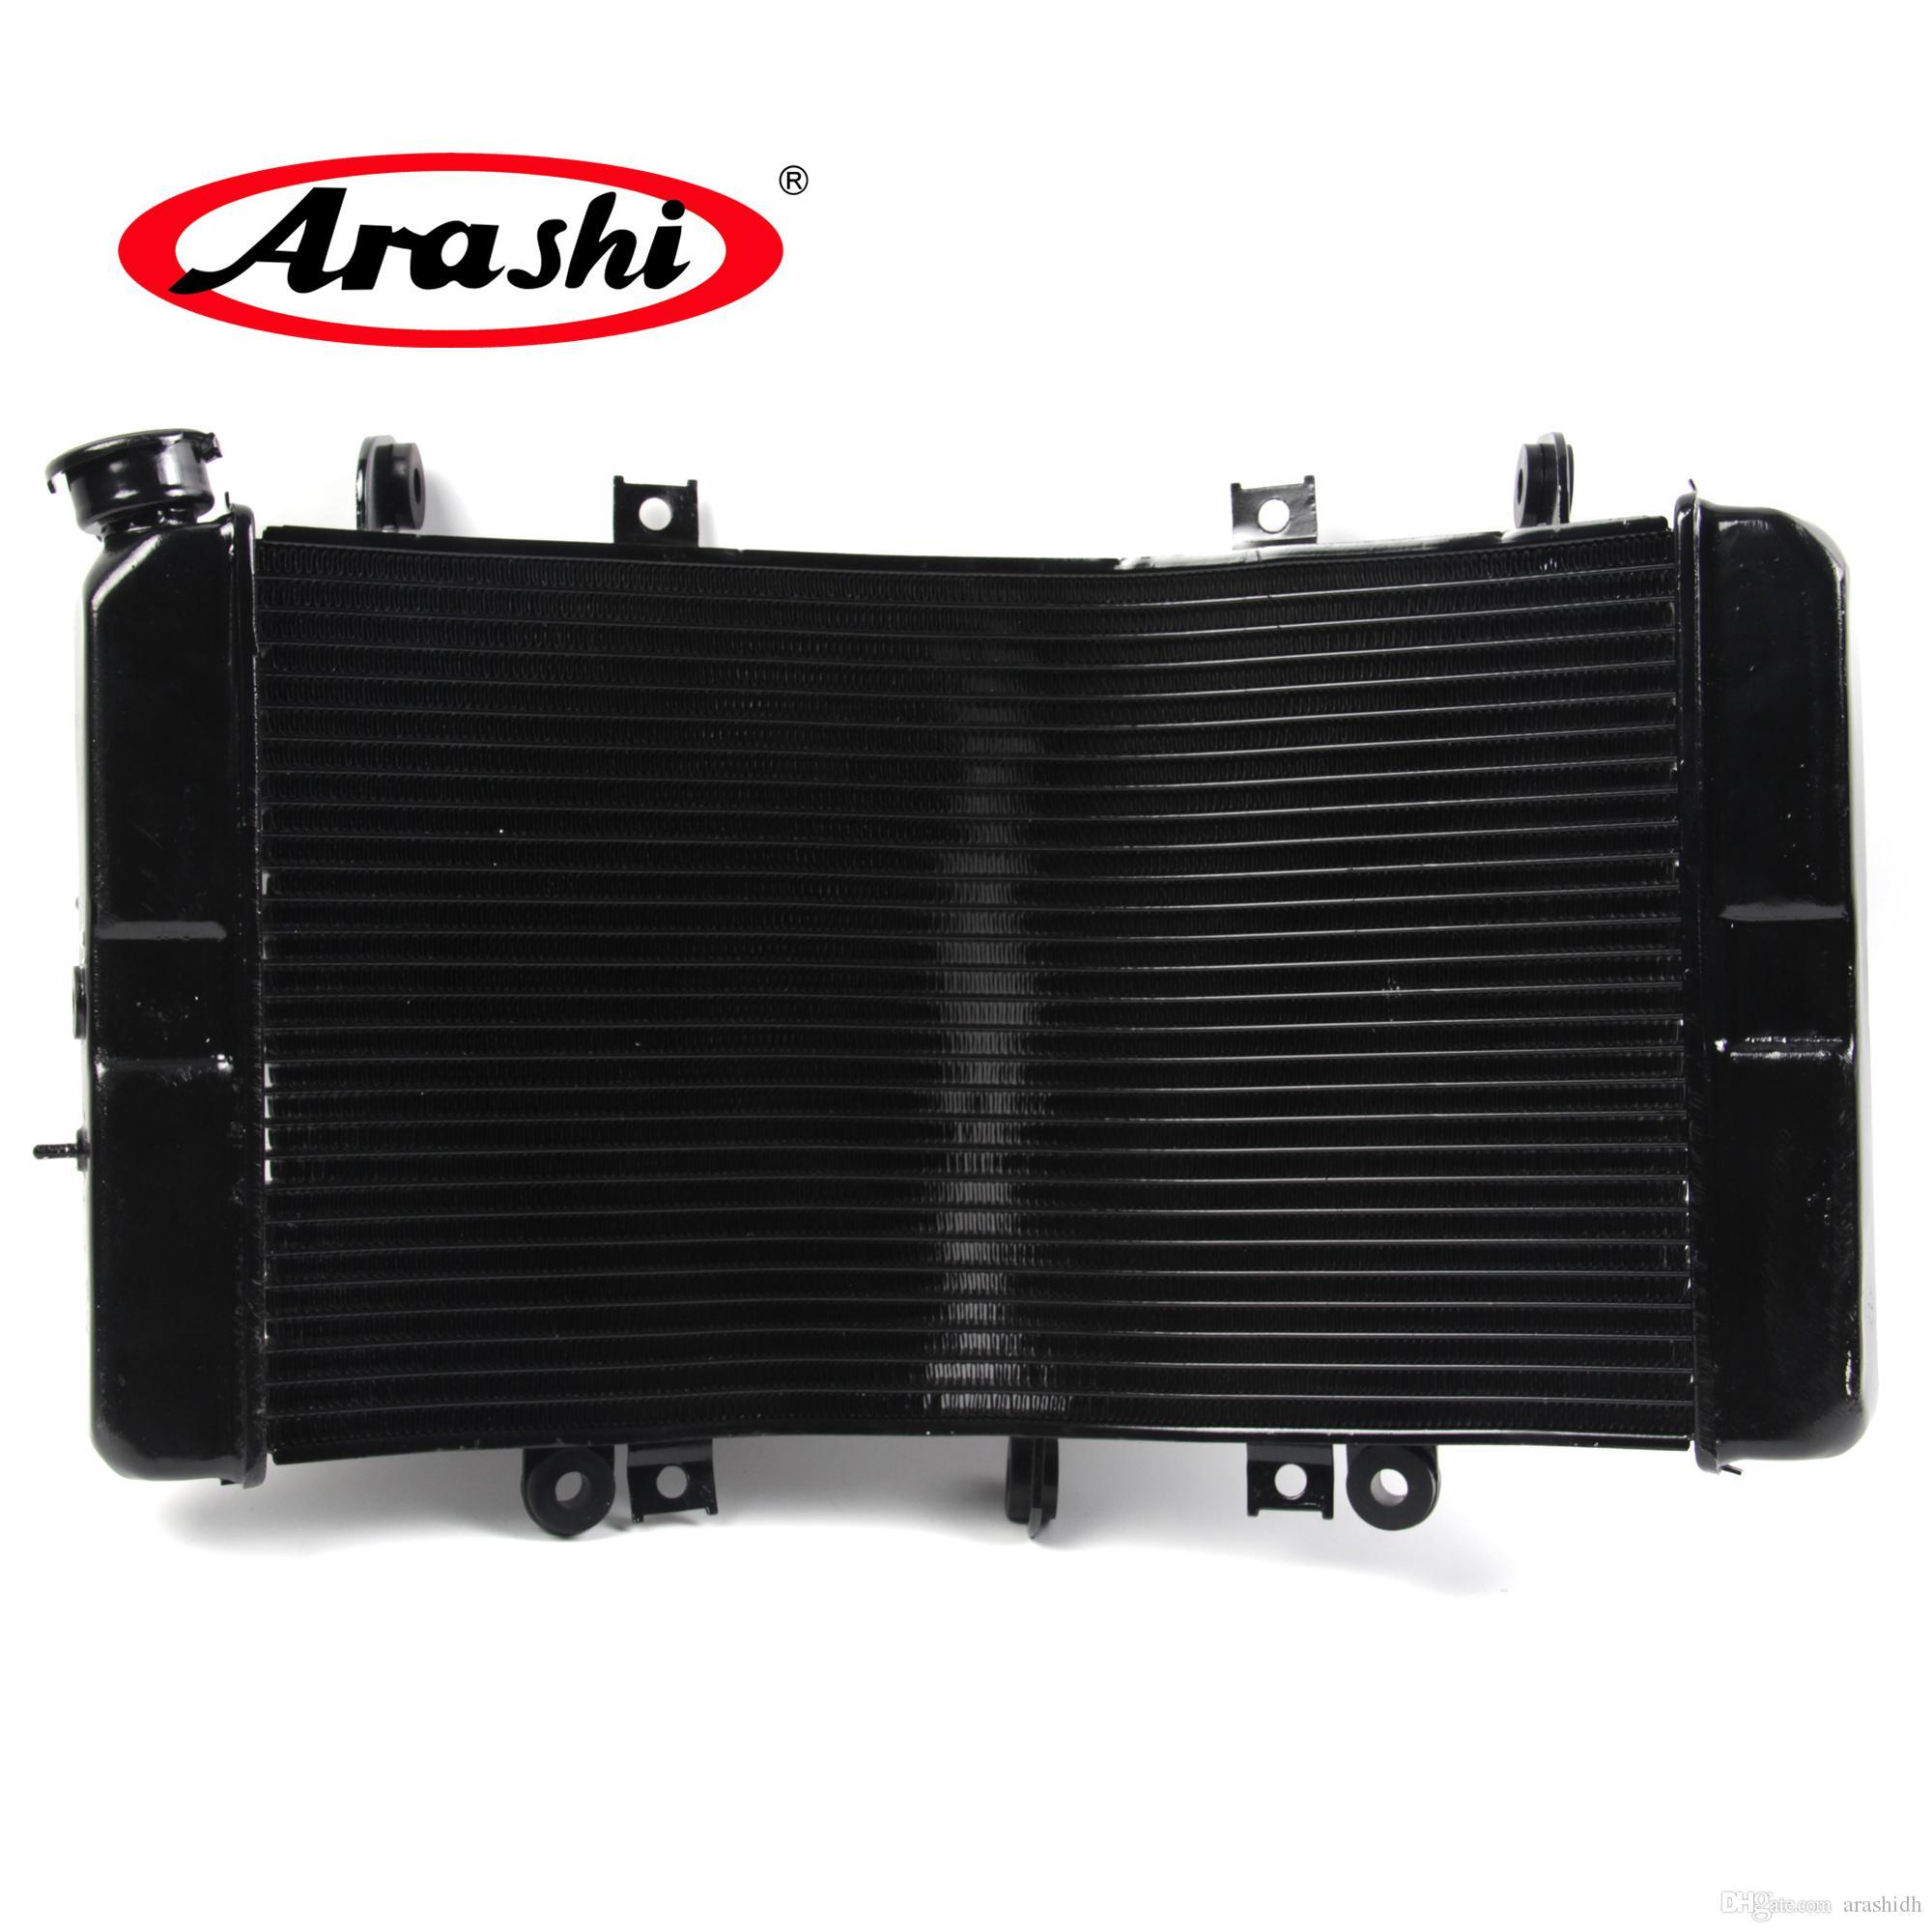 Arashi Radiador para Suzuki 1300 2008 - 2016 de refrigeración refrigerador GSX R GSXR Hayabusa GSXR1300 2009 2010 2011 2012 2013 2014 2015 Negro